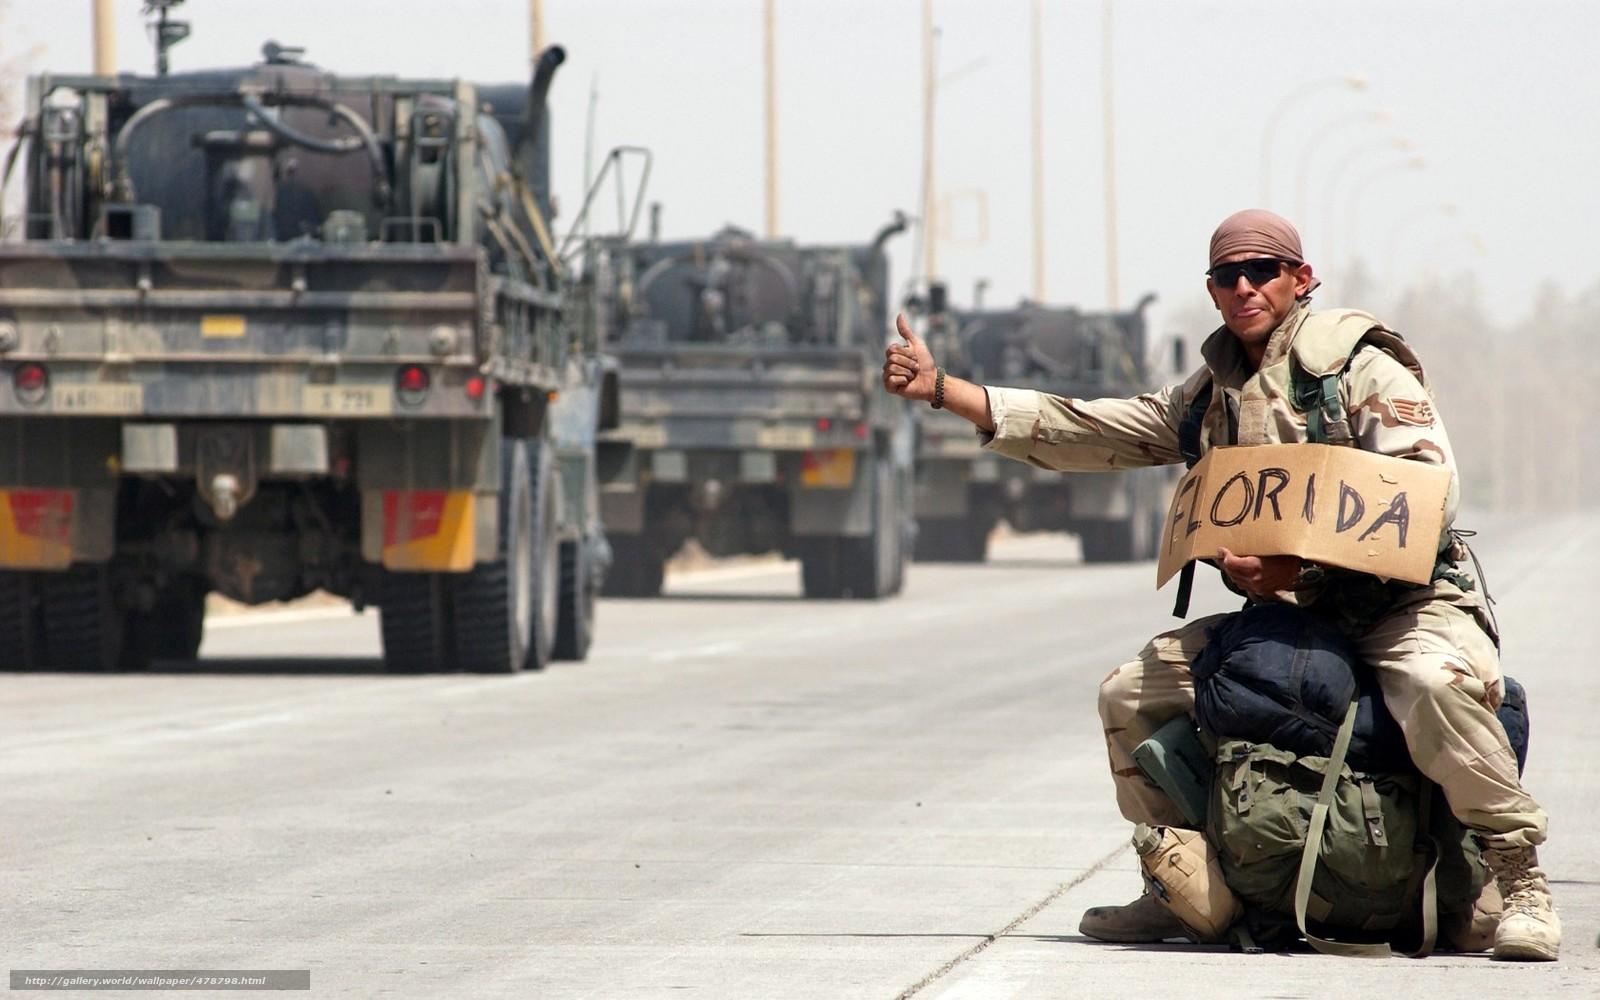 Tlcharger Fond d'ecran camion,  soldat,  l'auto-stop,  route Fonds d'ecran gratuits pour votre rsolution du bureau 1680x1050 — image №478798